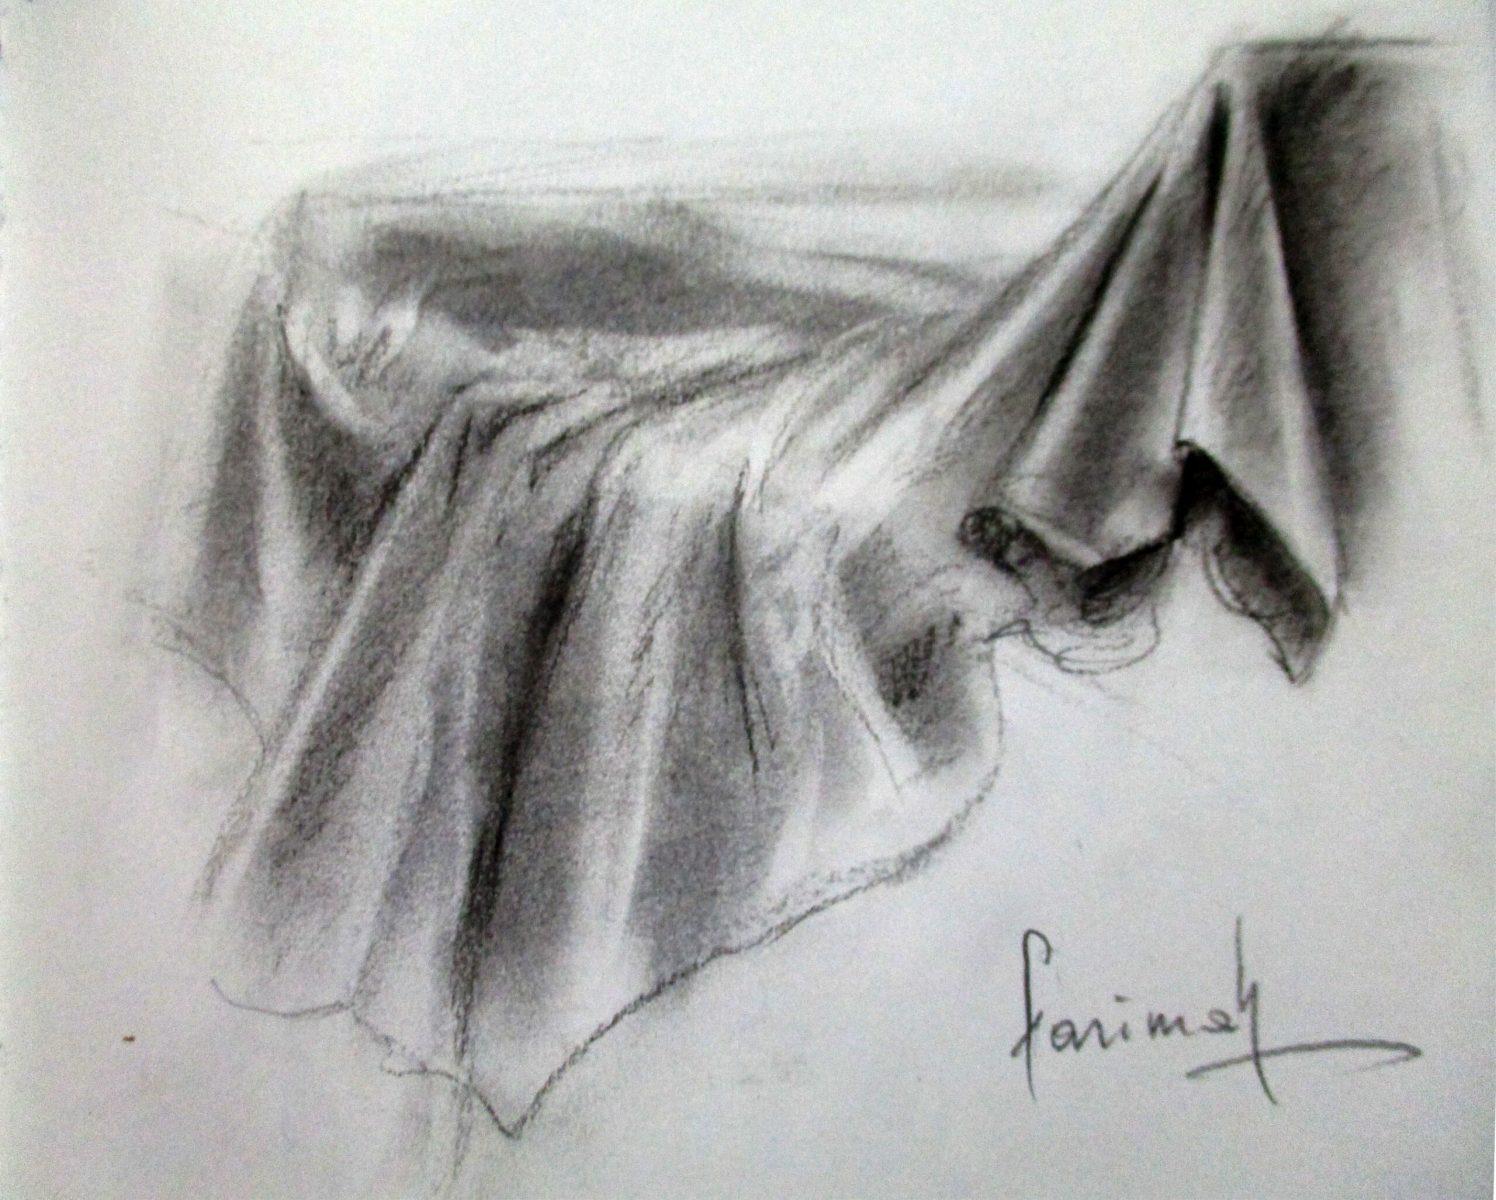 Farimah Eshraghi - Drape I - Charcoal